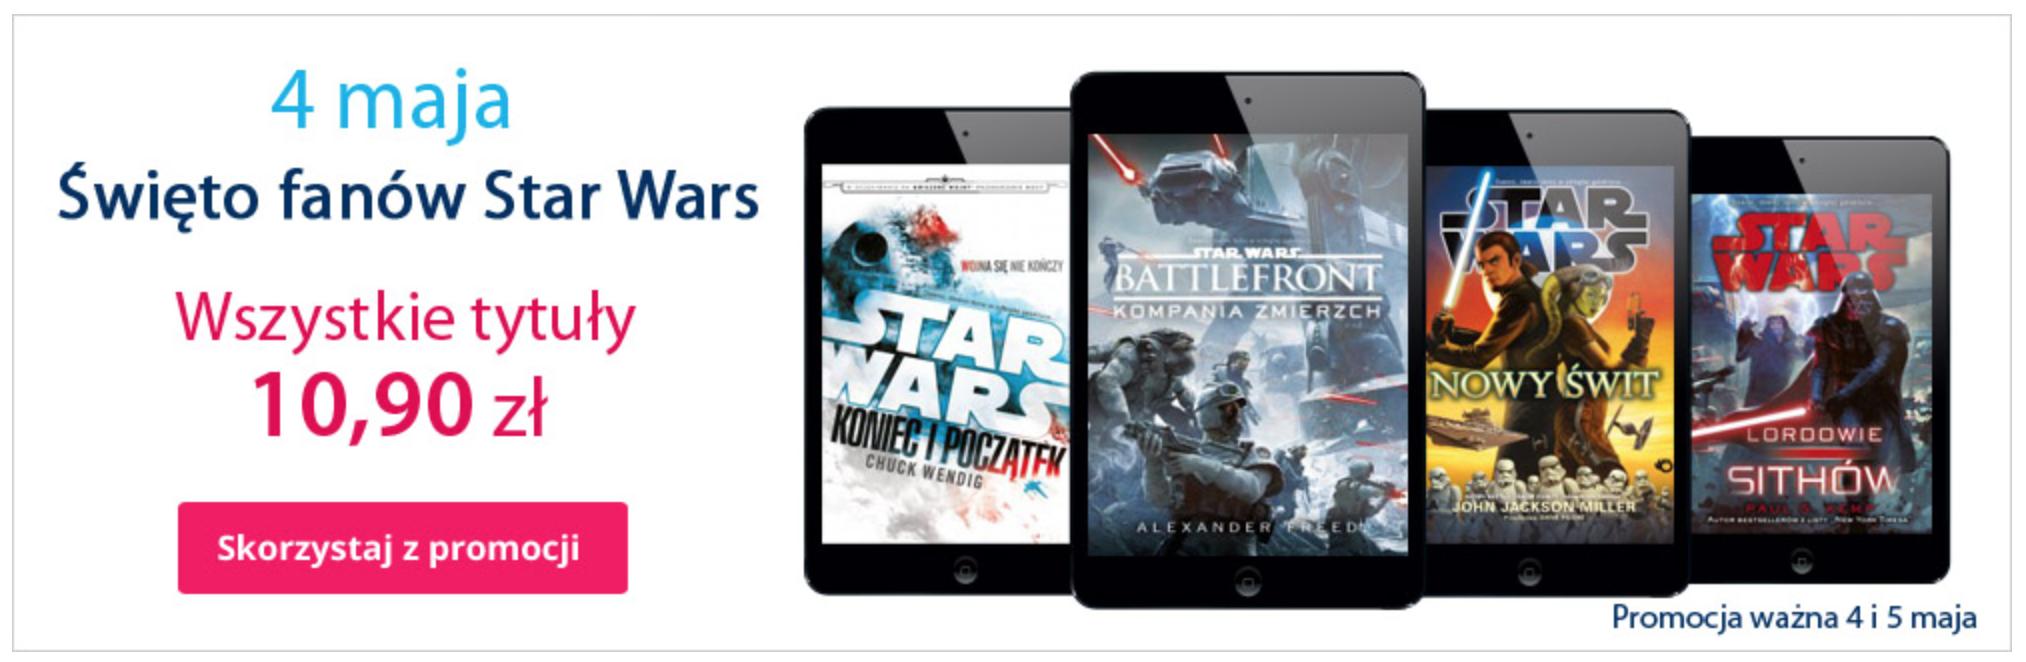 Sztuka wojny dla ebooków